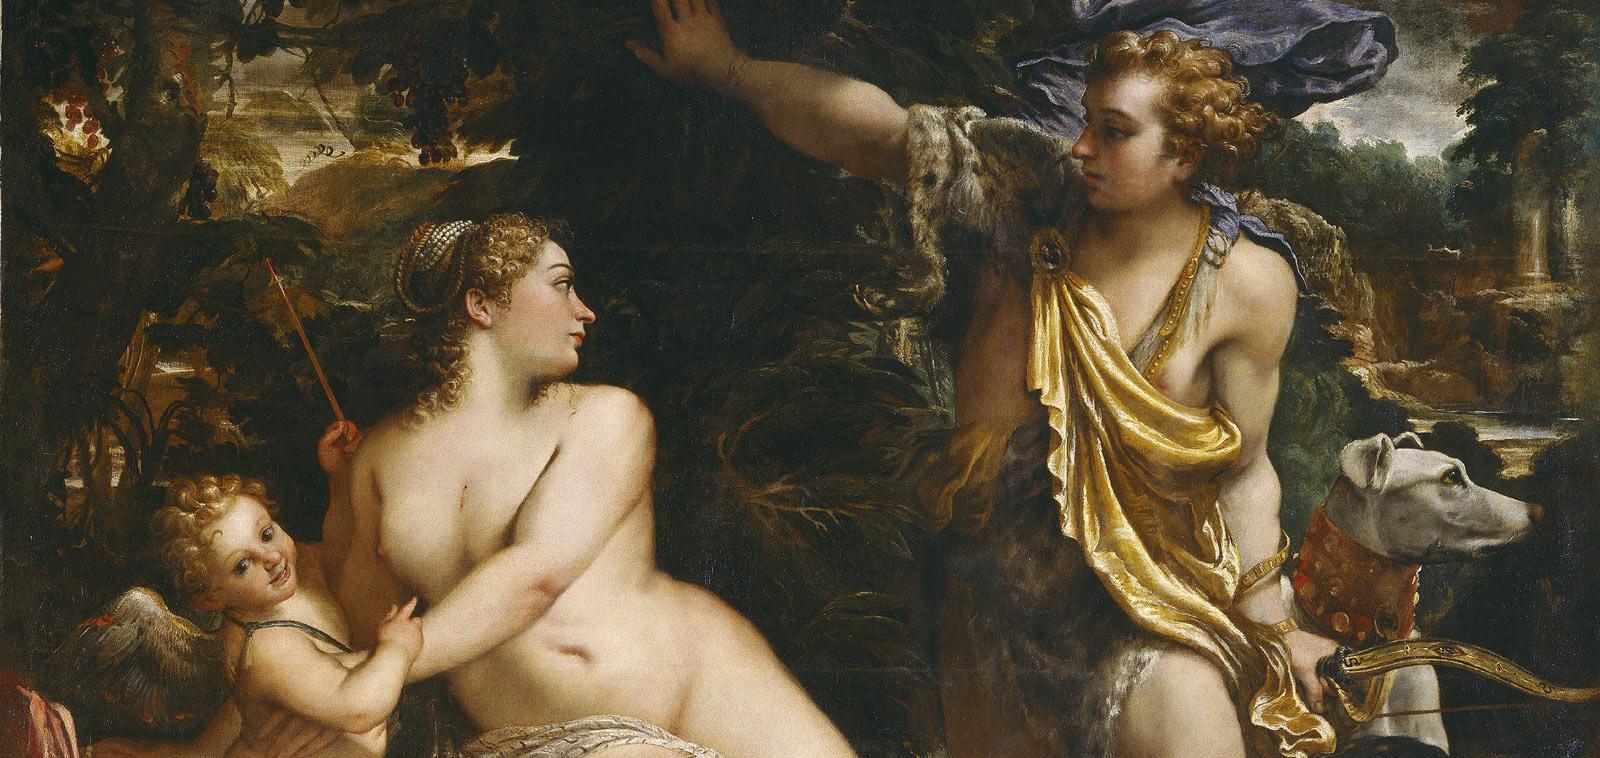 Annibale Carracci's, Venus, Adonis & Cupid